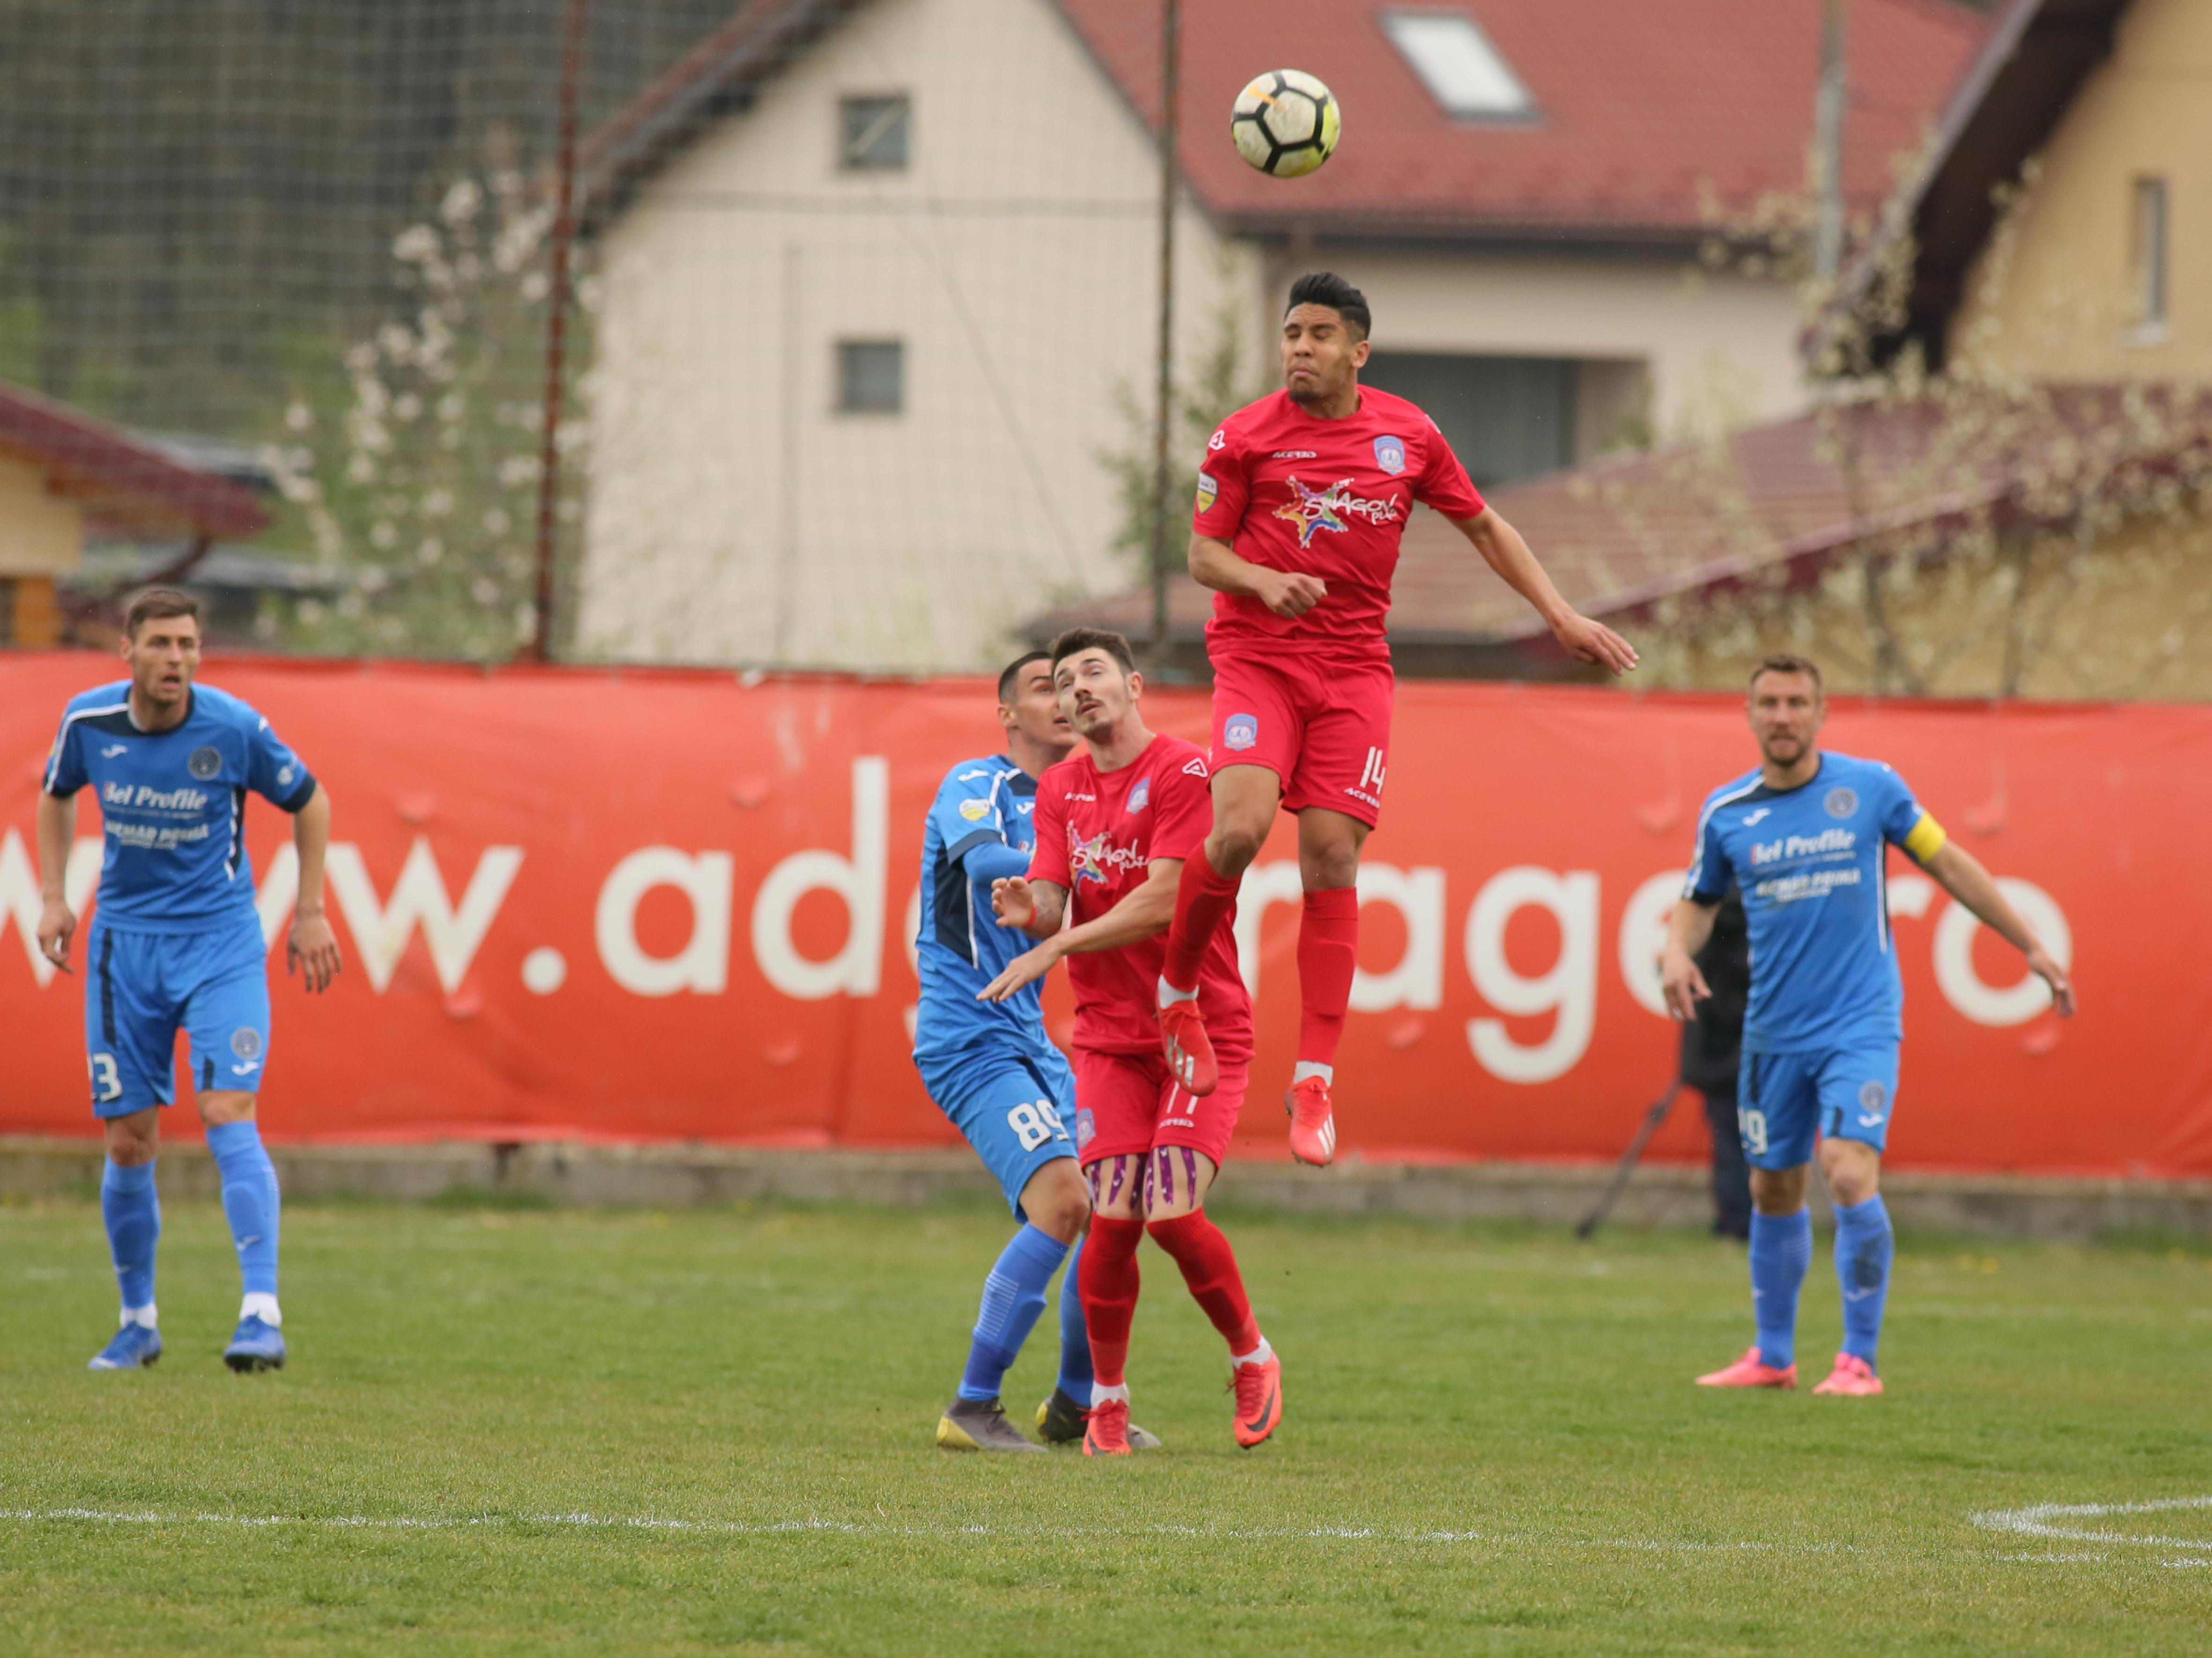 Meciul de fotbal dintre Sportul Snagov si Academica Clinceni din etapa 28 a Ligii a II-a, disputat pe stadionul Vointa din Ghermanesti, duminica, 7 aprilie 2019.© FOTO: Florin Alboiu / Sport Pictures